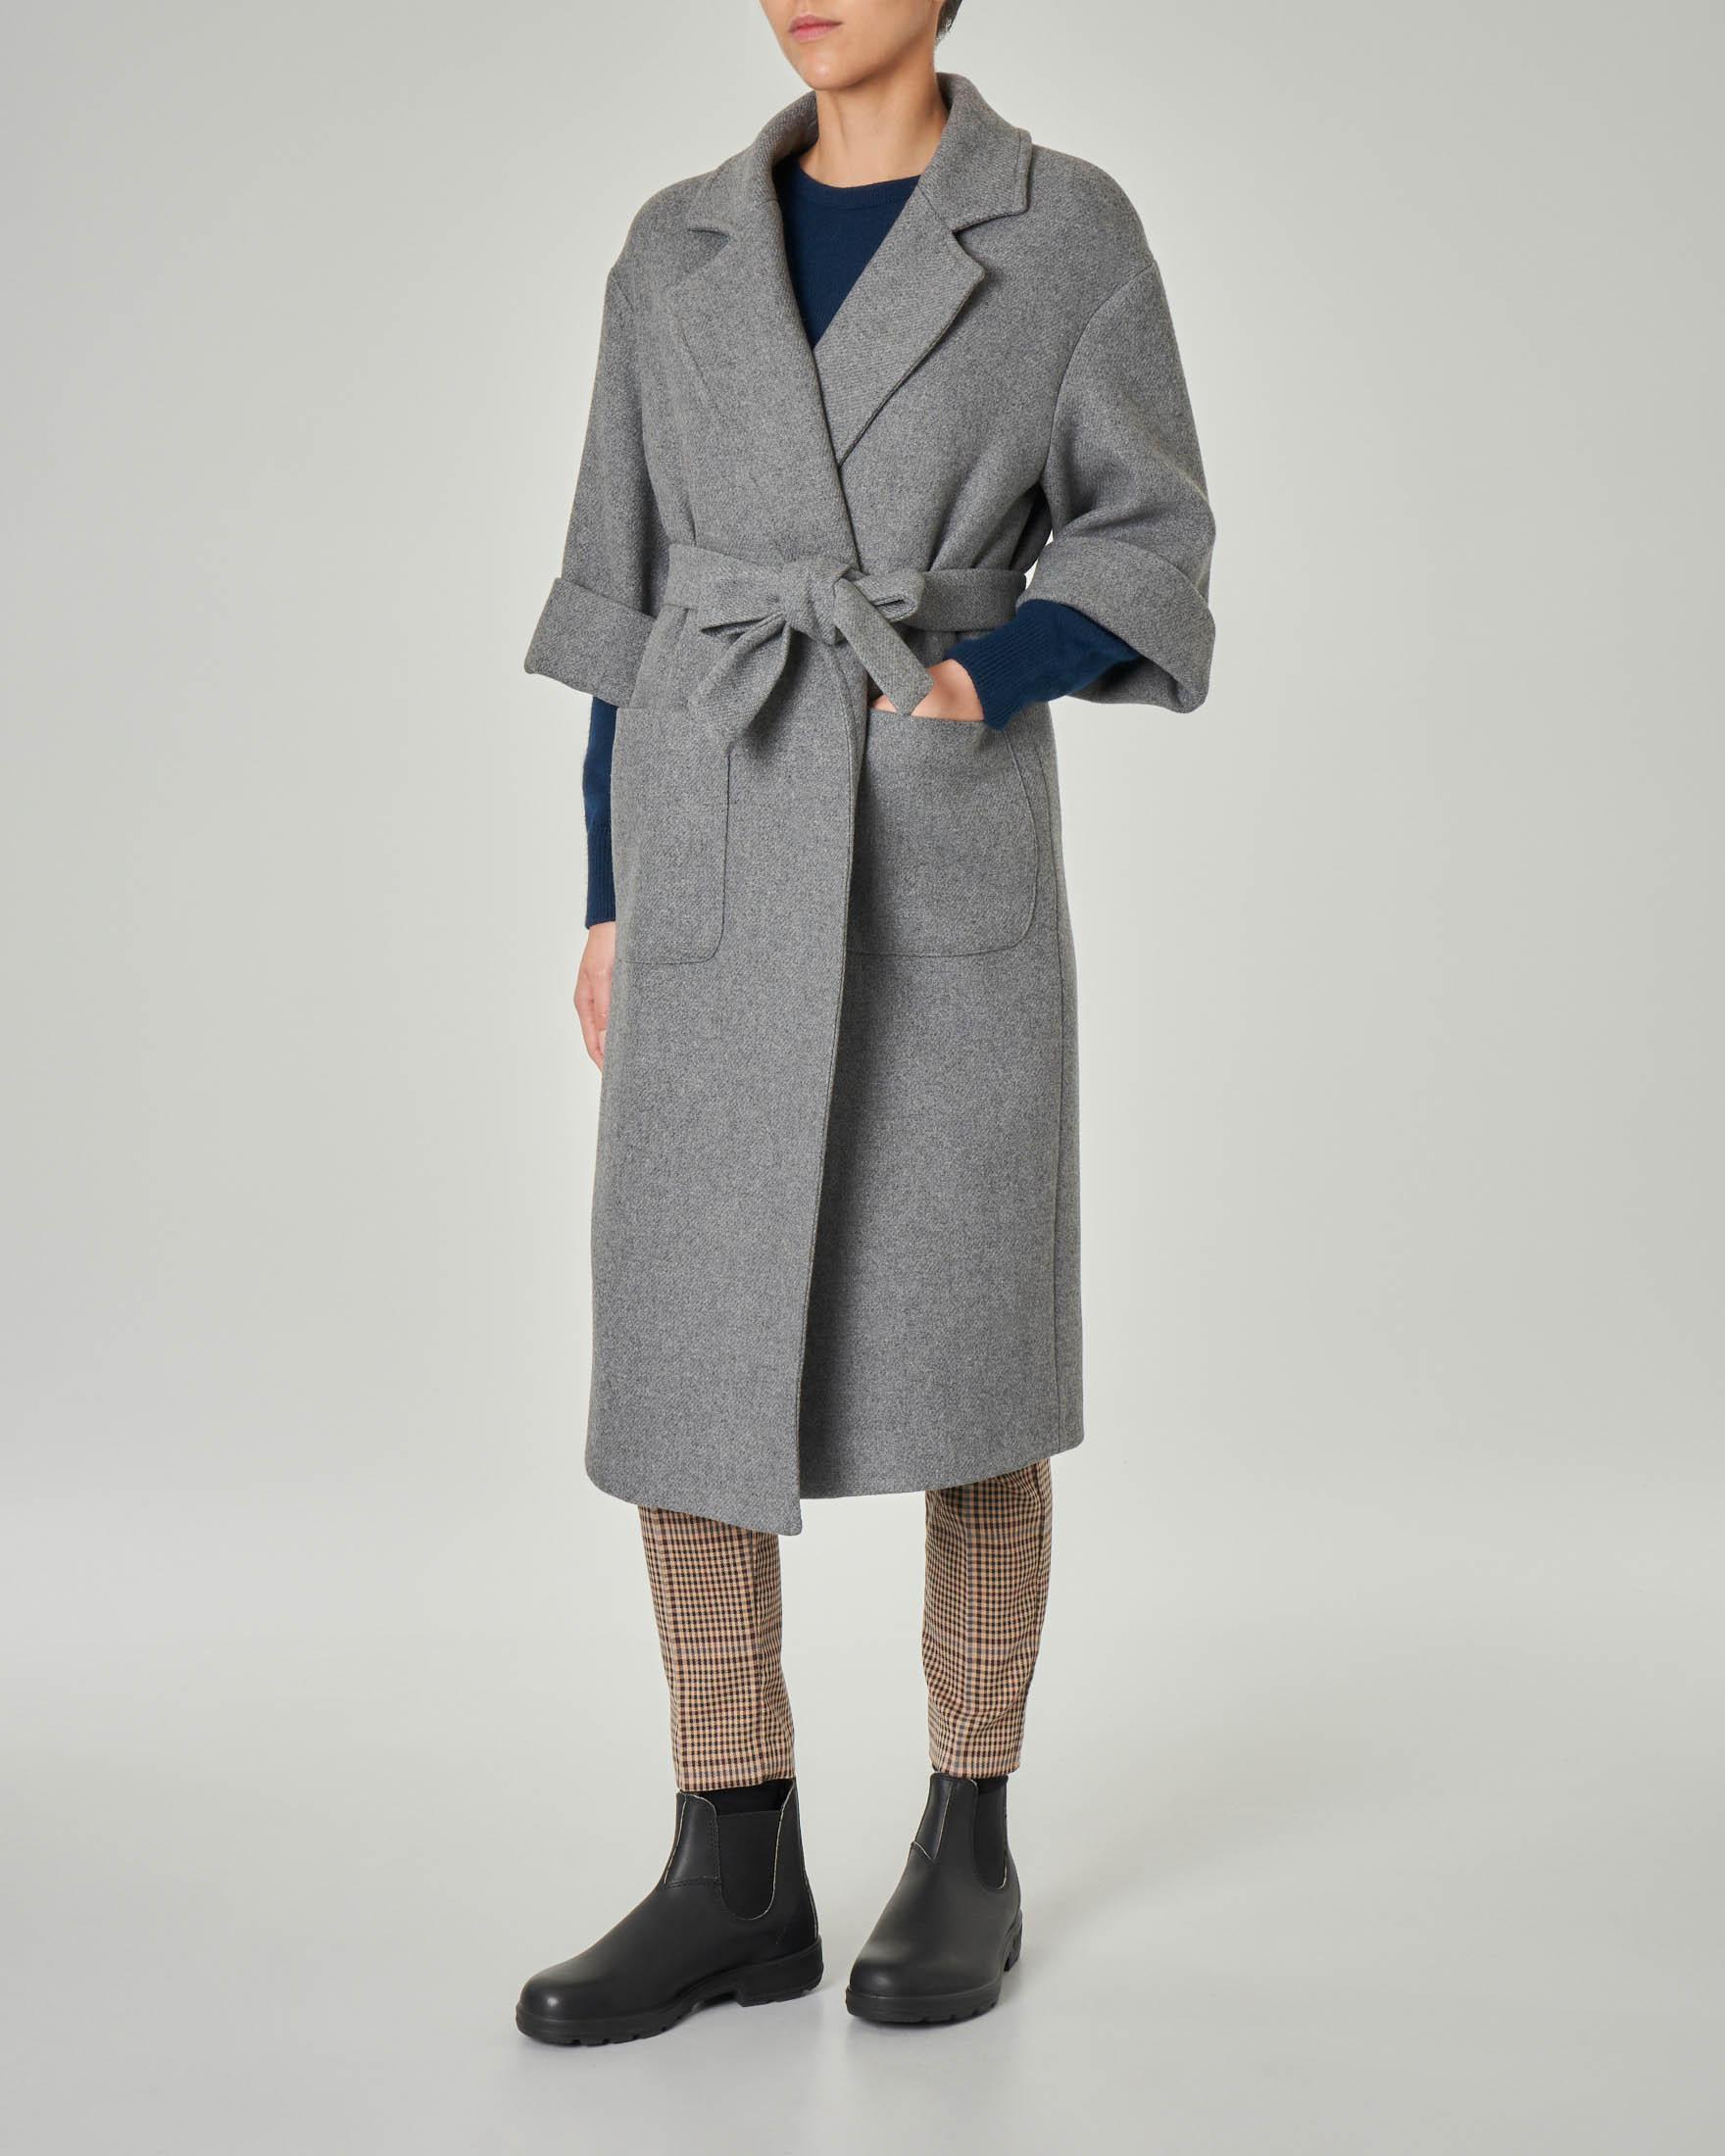 Cappotto grigio in misto lana con maniche tre quarti con risvolto